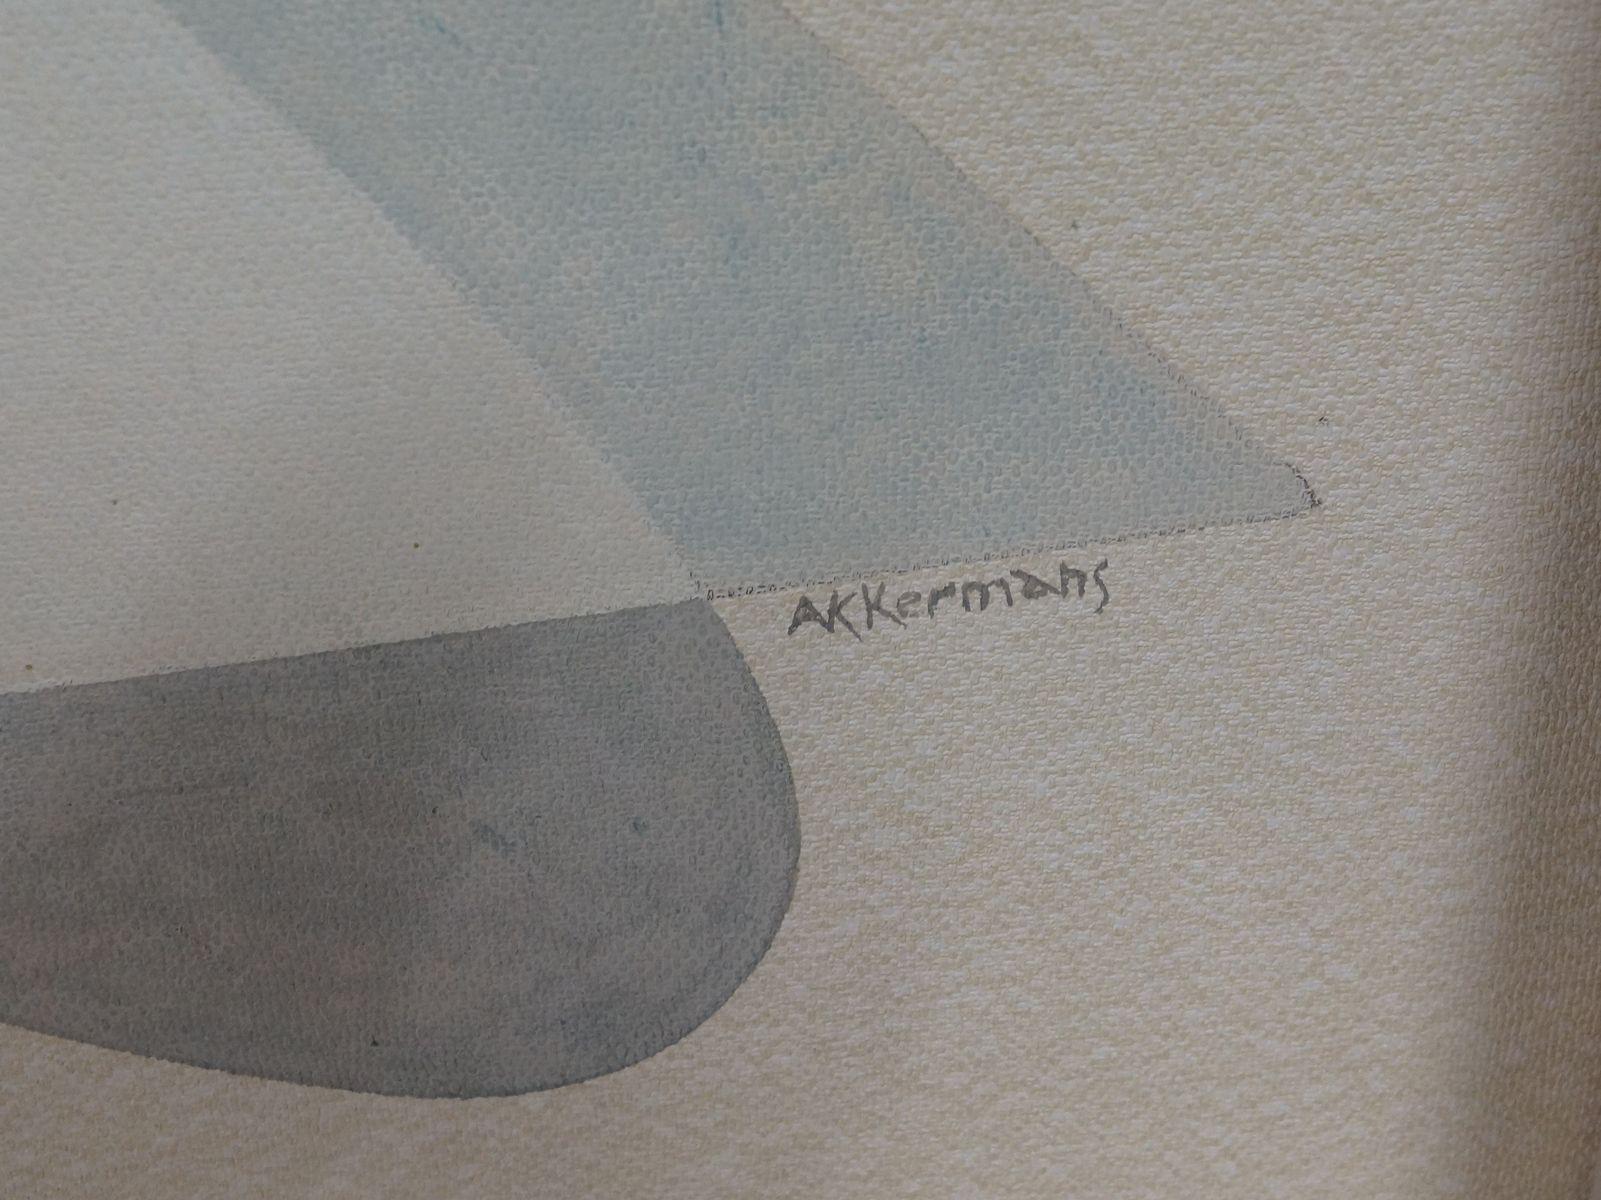 Teak Schrank mit Vinyl von Akkermans bei Pamono kaufen